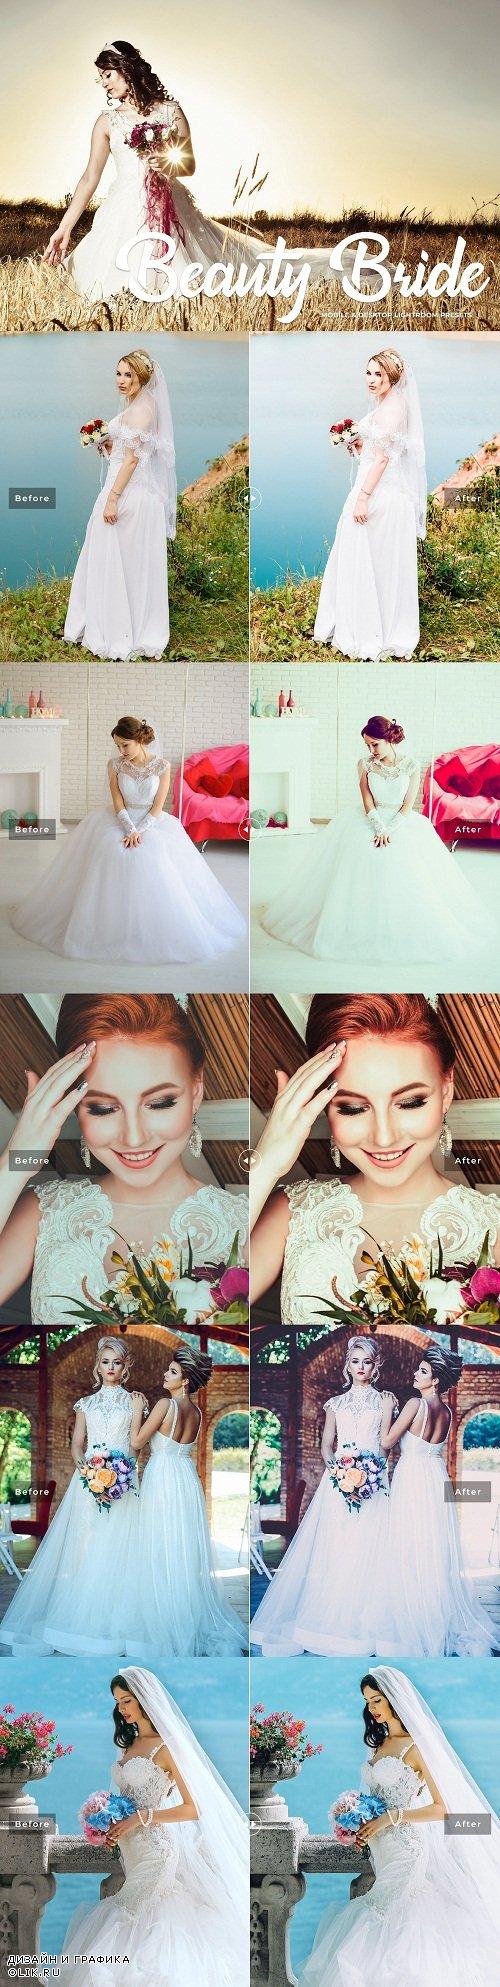 Beauty Bride Lightroom Presets Pack - 3761534